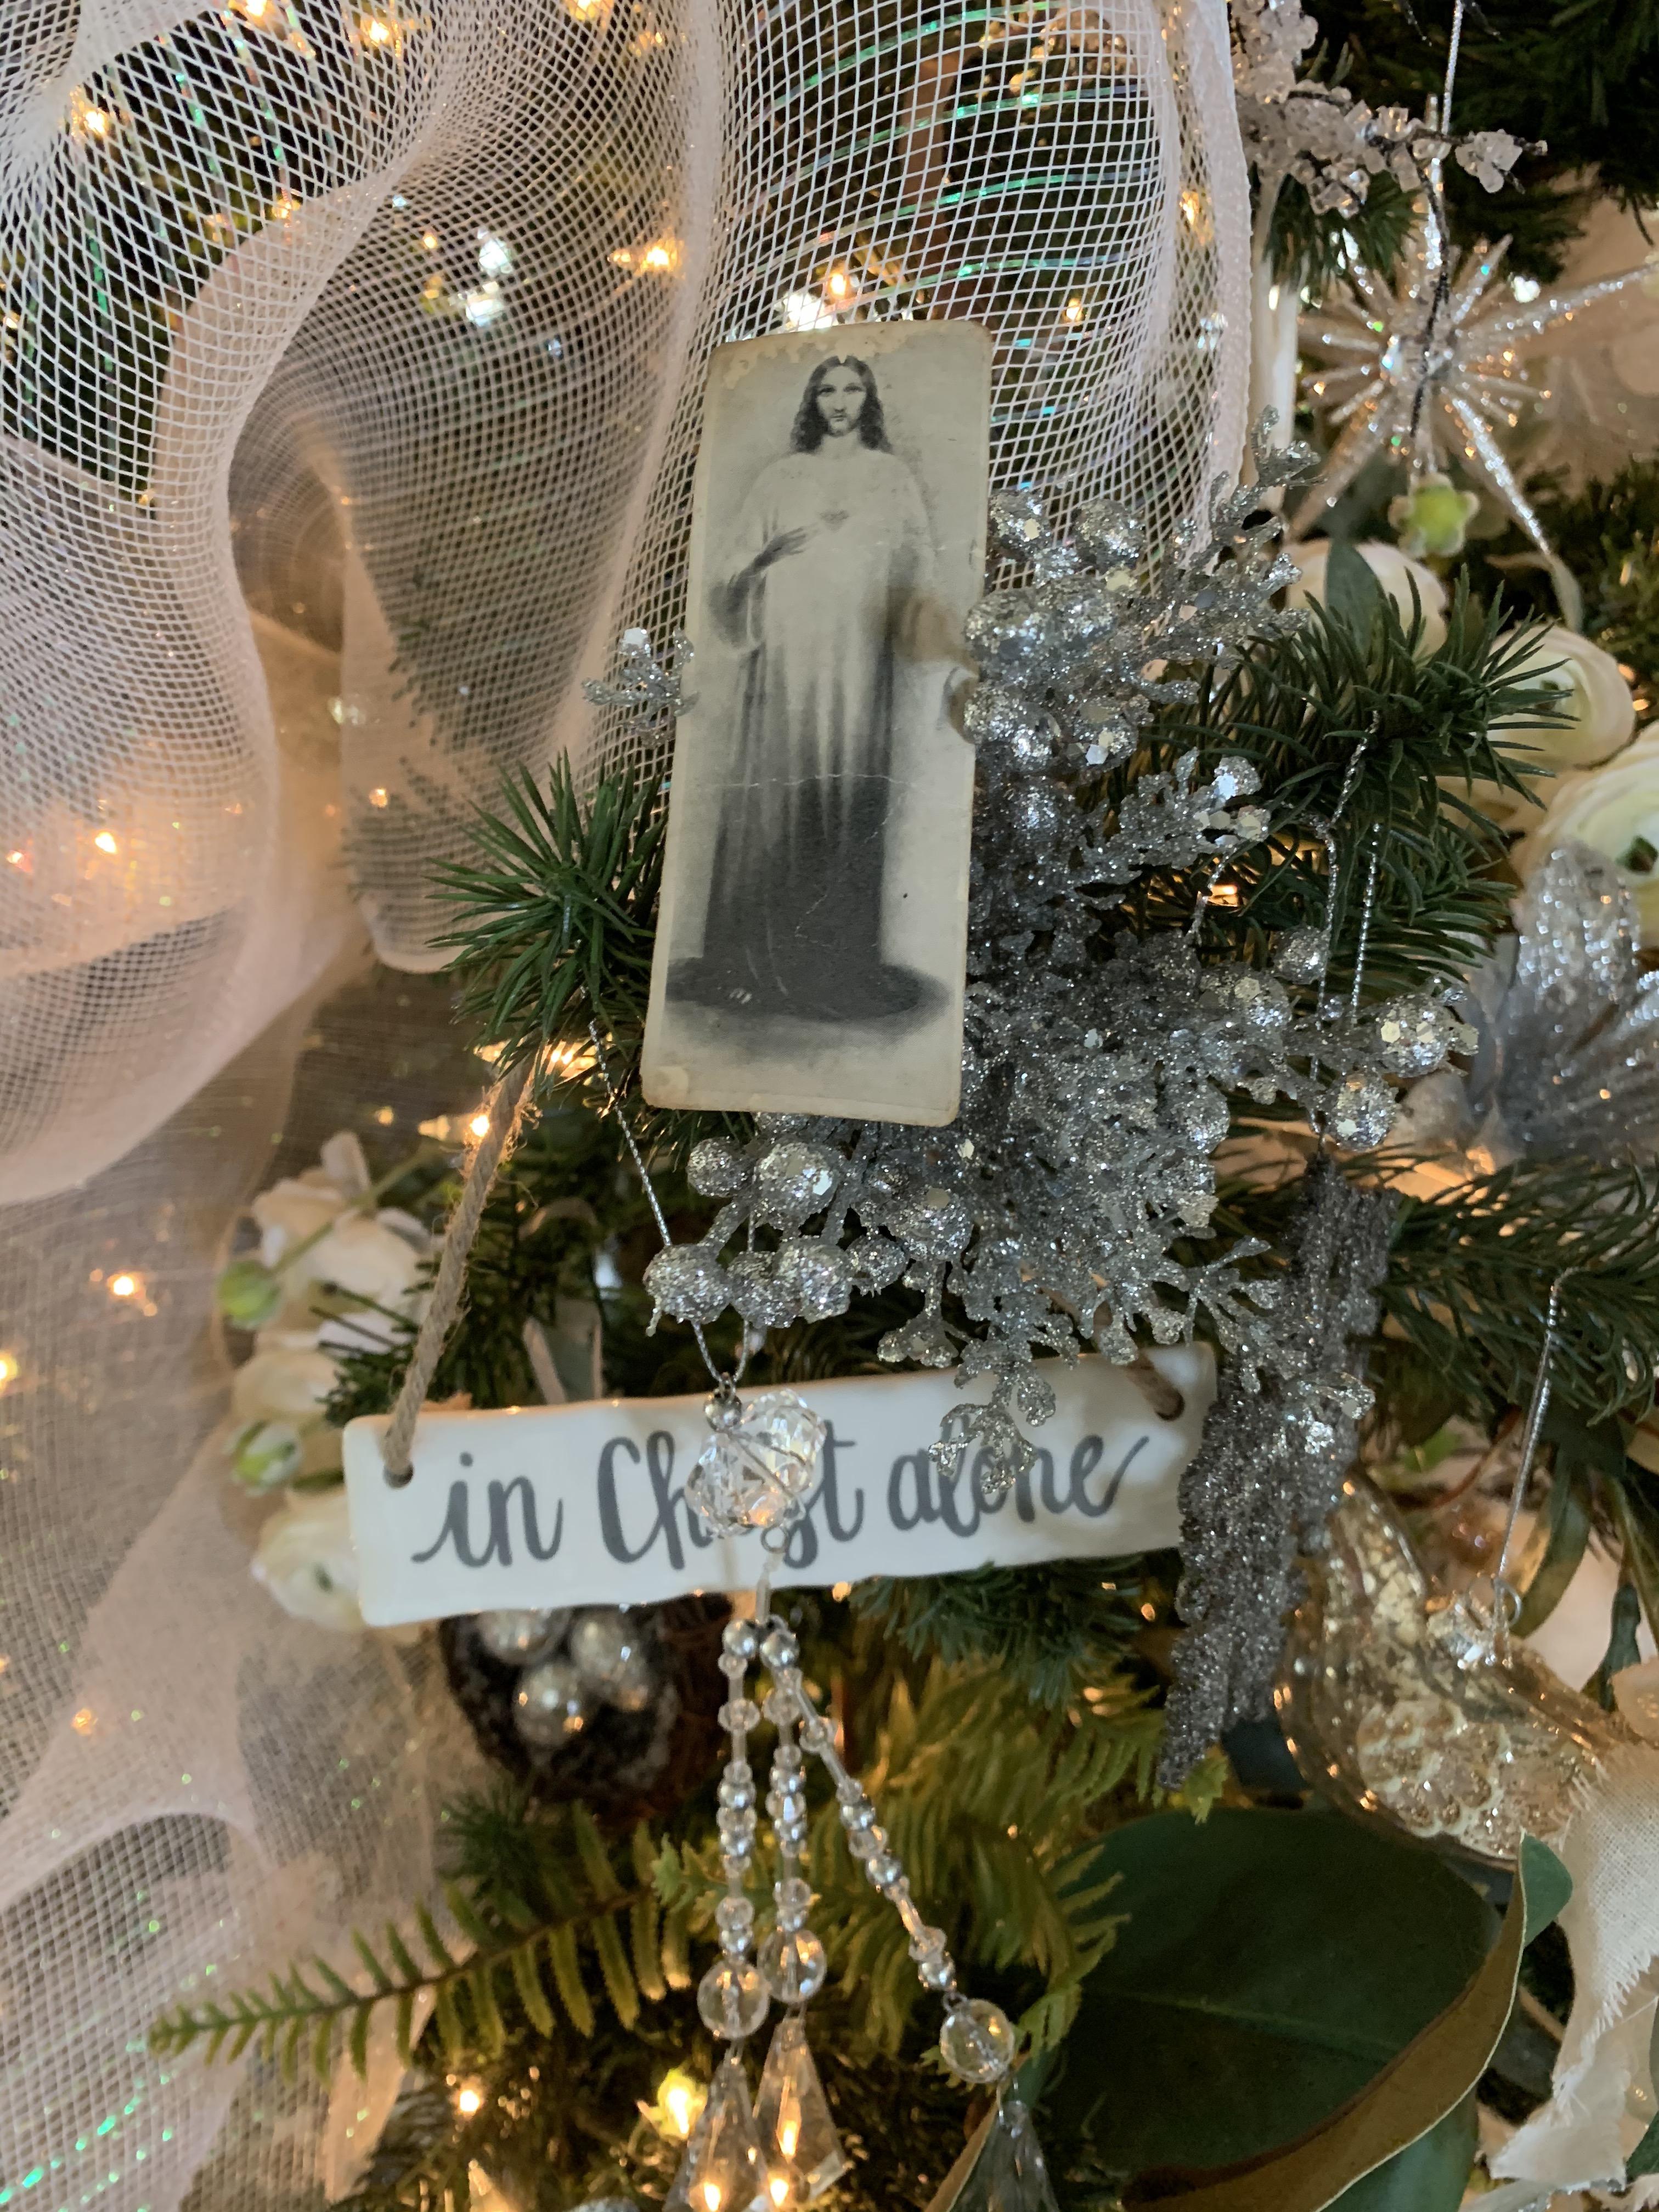 Christ on the tree